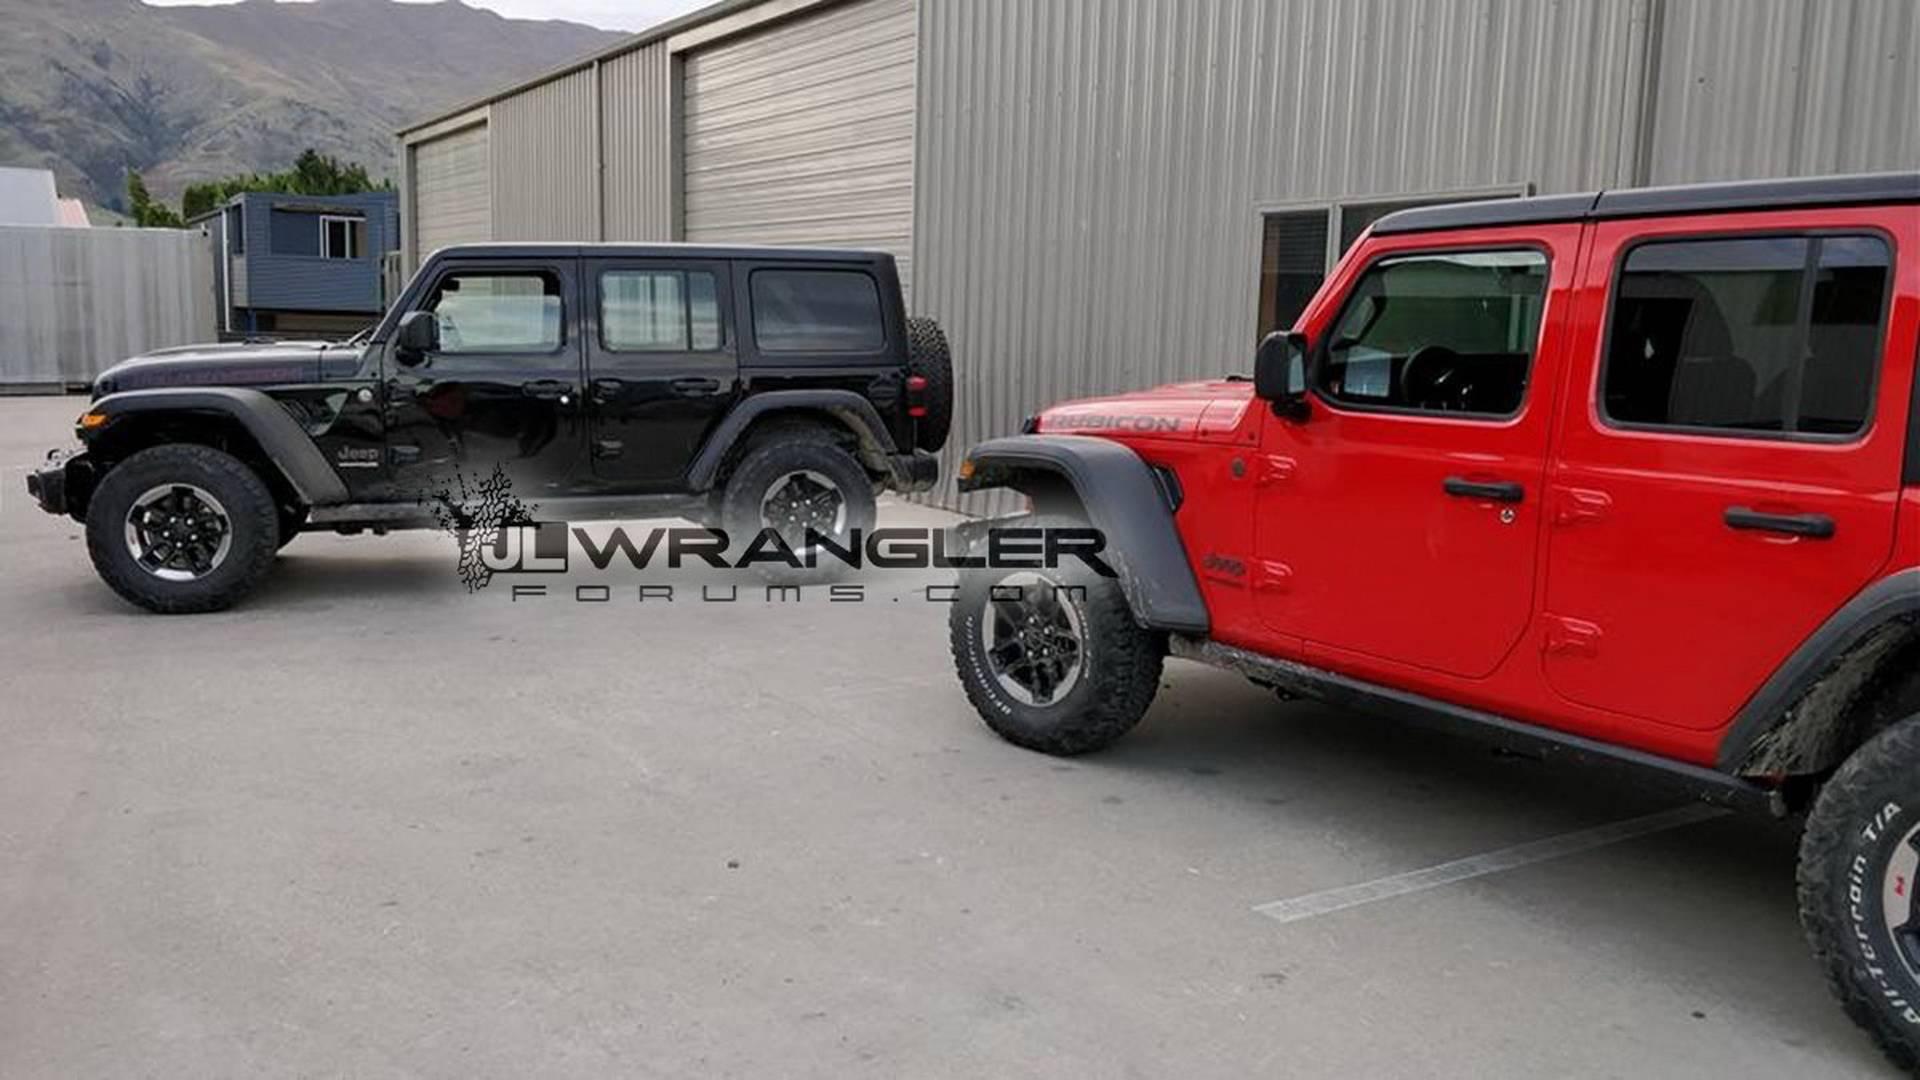 Стоимость минимальной комплектации Jeep Wrangler 2018 составила $30445